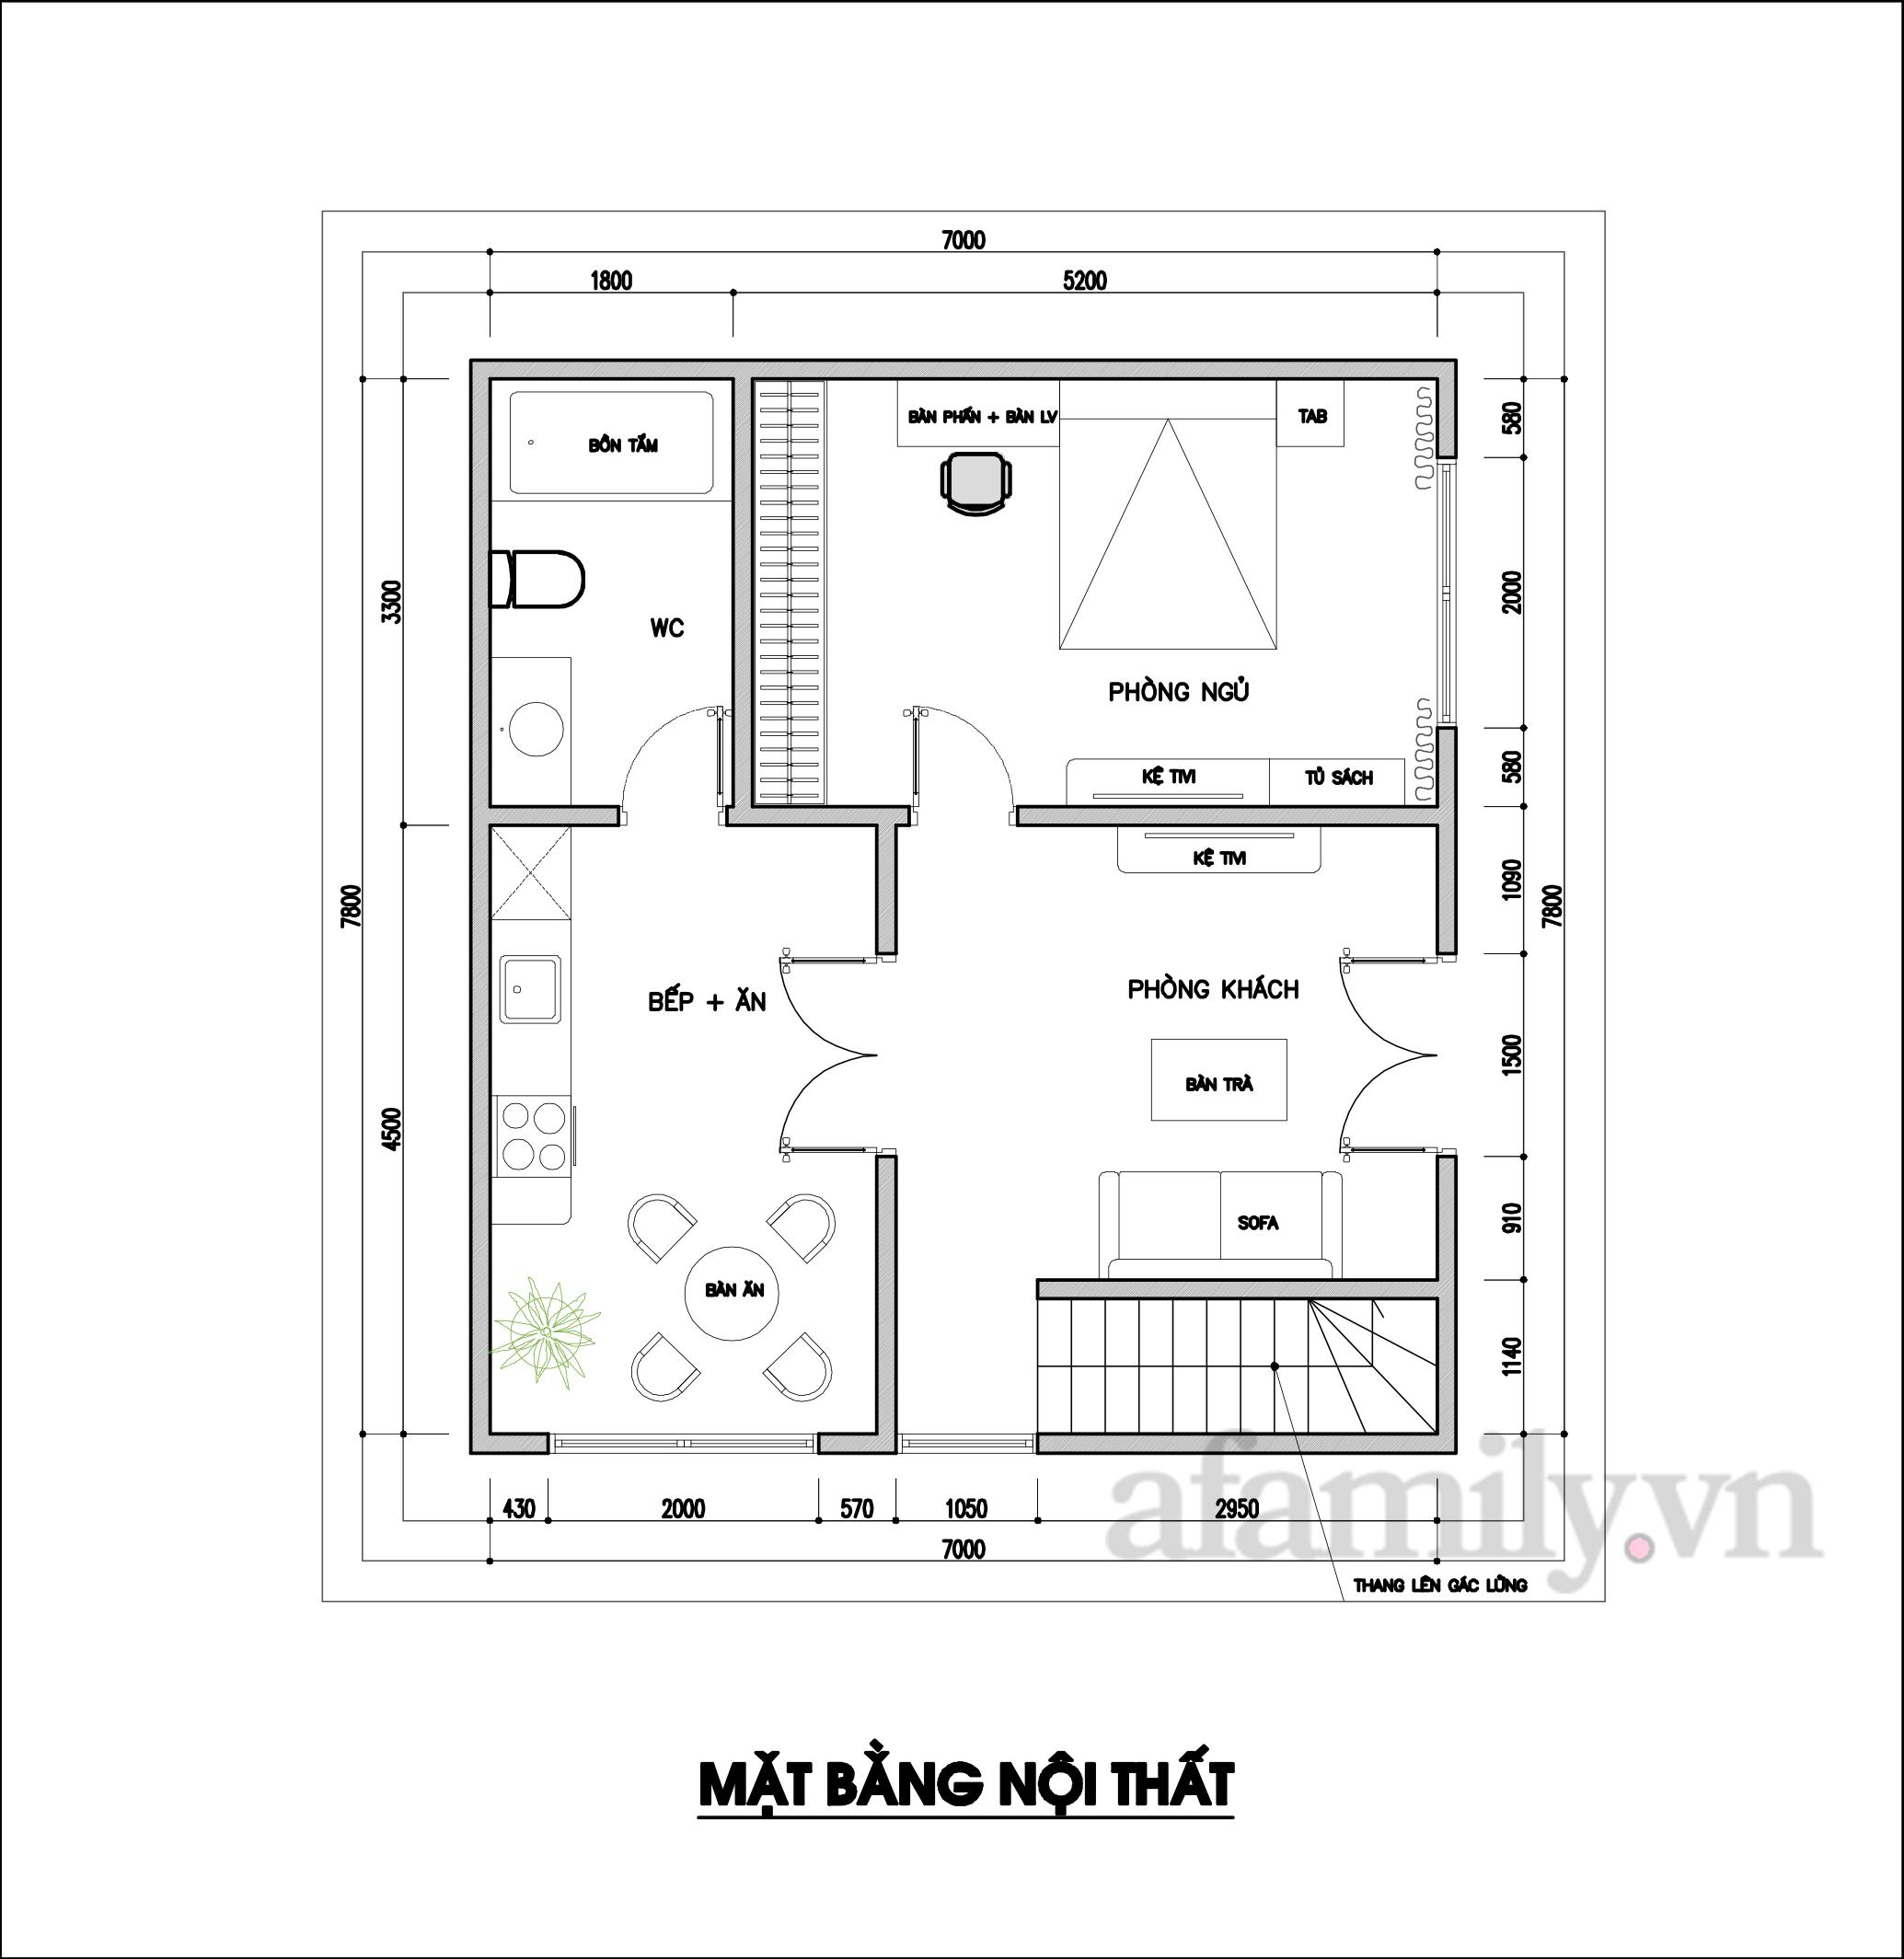 Kiến trúc sư tư vấn thiết kế cải tạo ngôi nhà cấp 4 rộng 54m² với chi phí 210 triệu đồng - Ảnh 2.